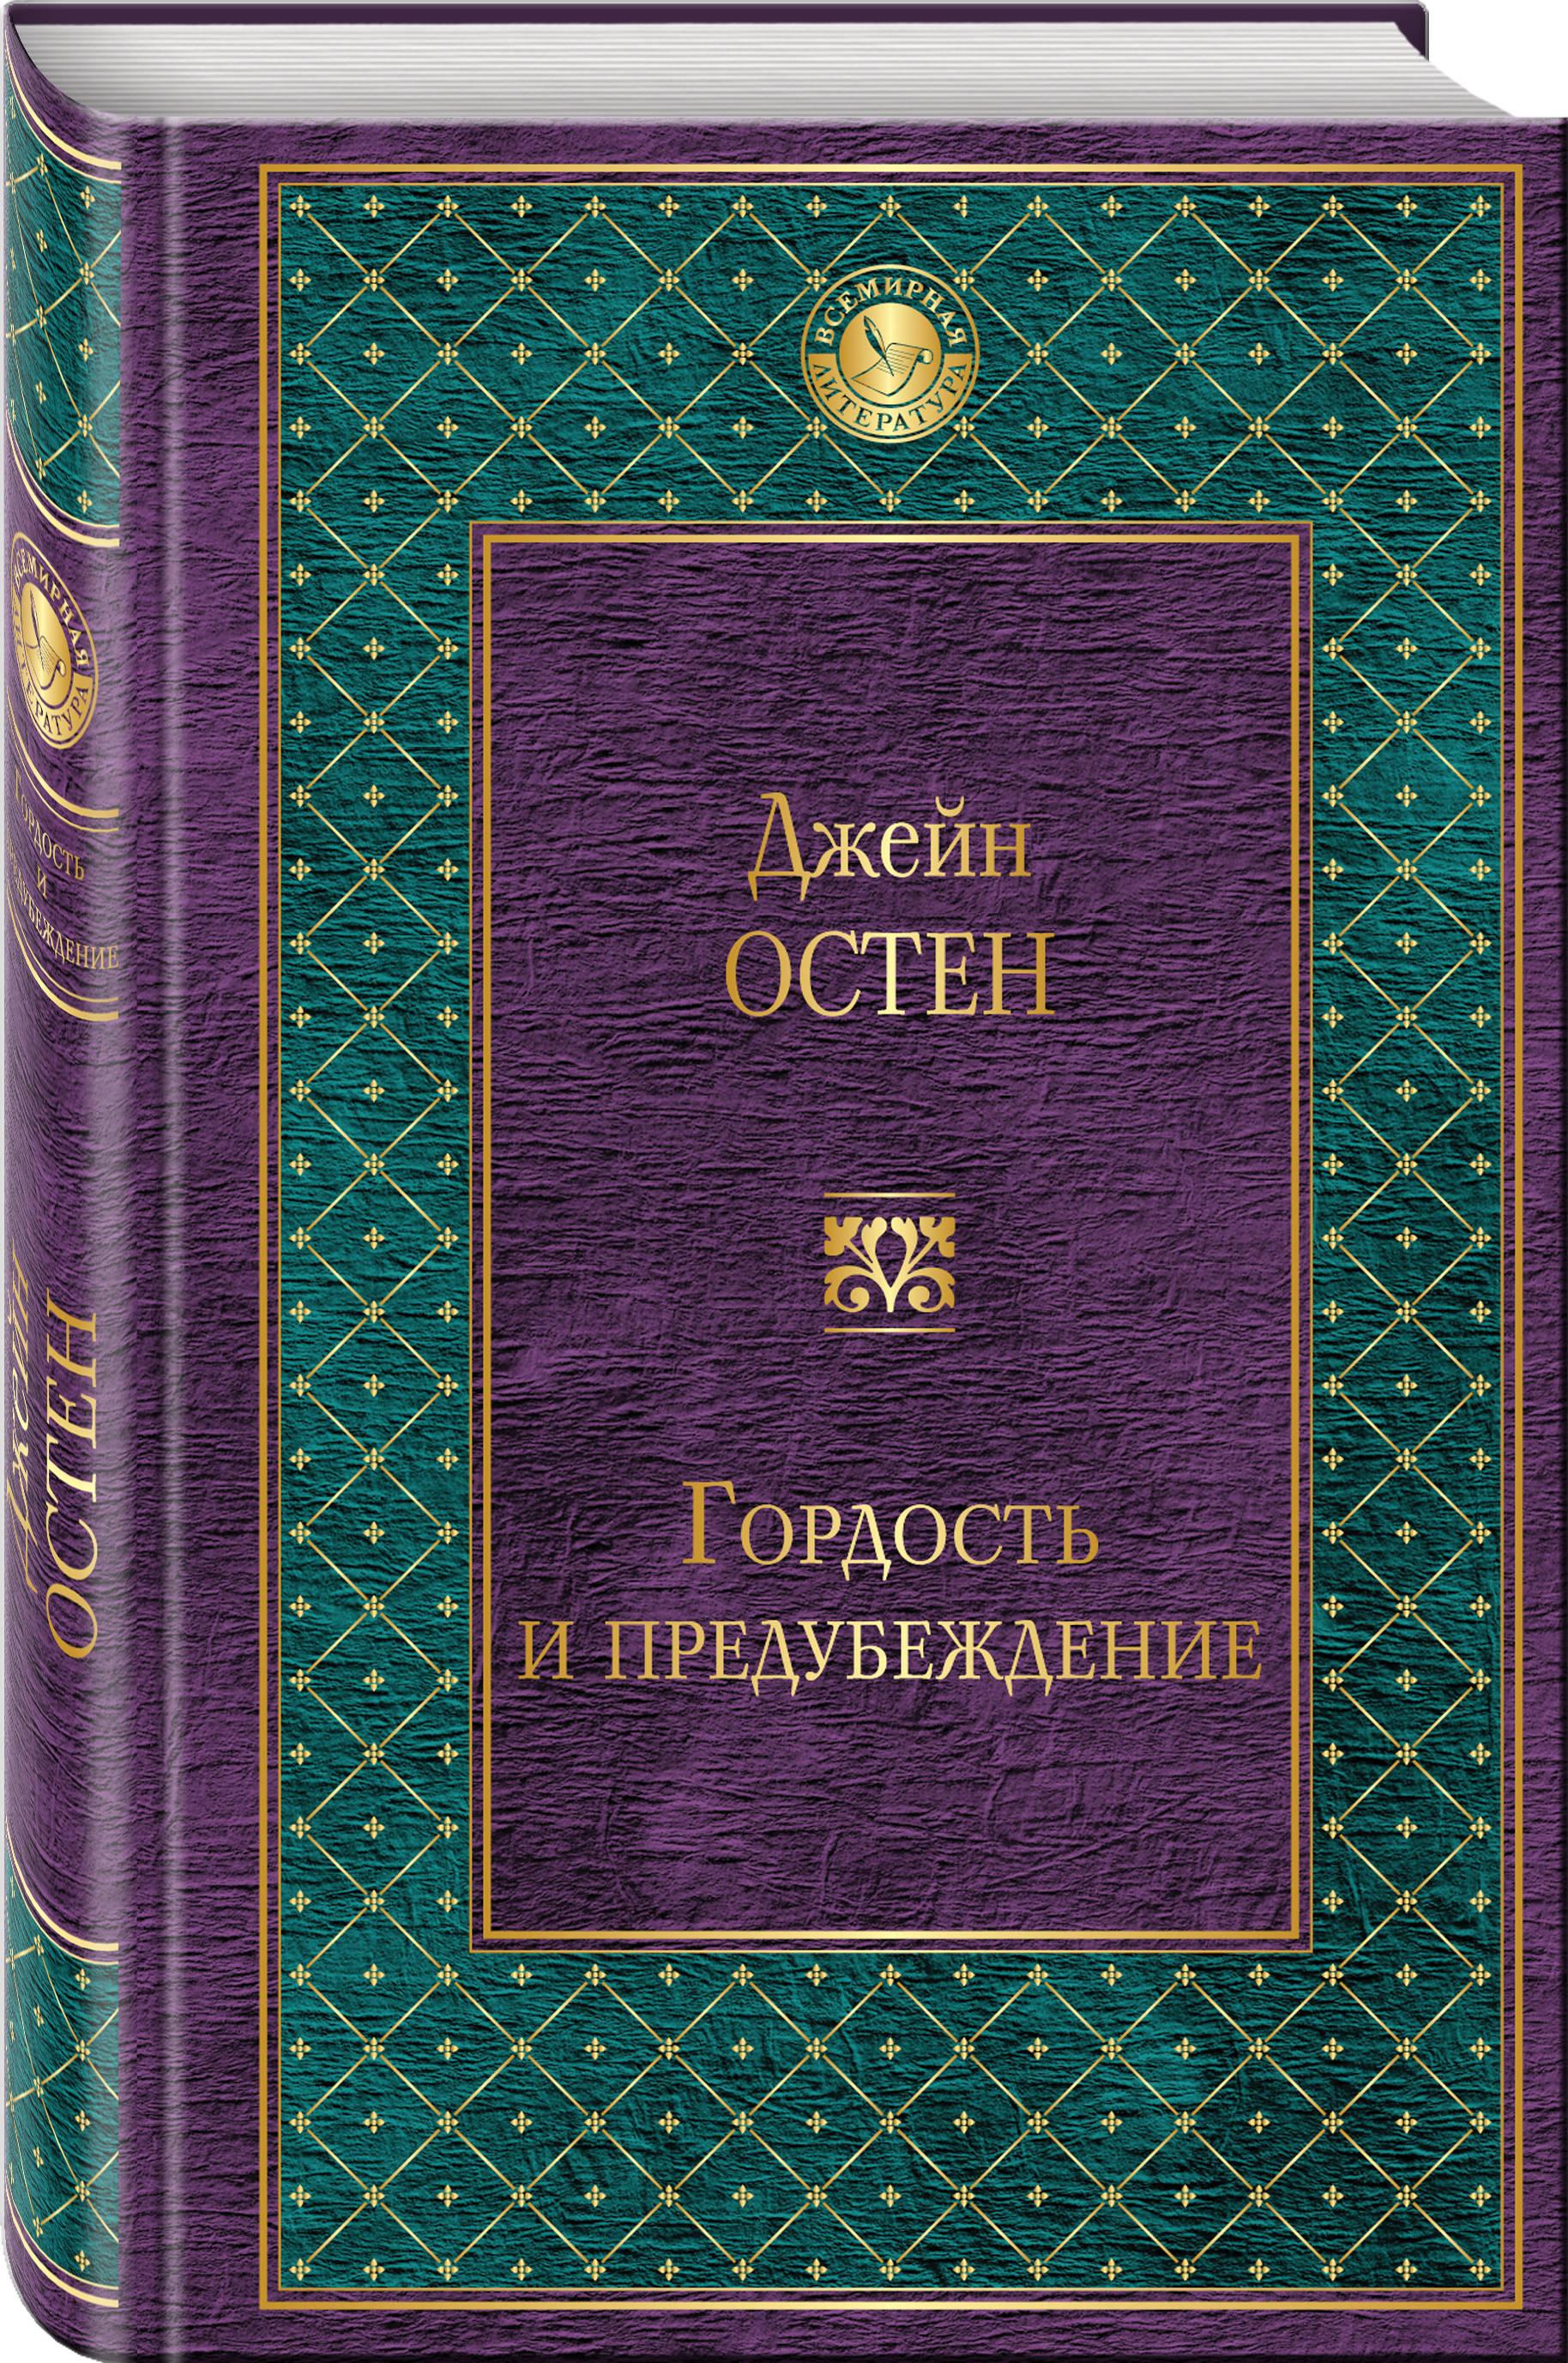 Остен Дж. Гордость и предубеждение ISBN: 978-5-699-93025-8 джейн остен гордость и предубеждение